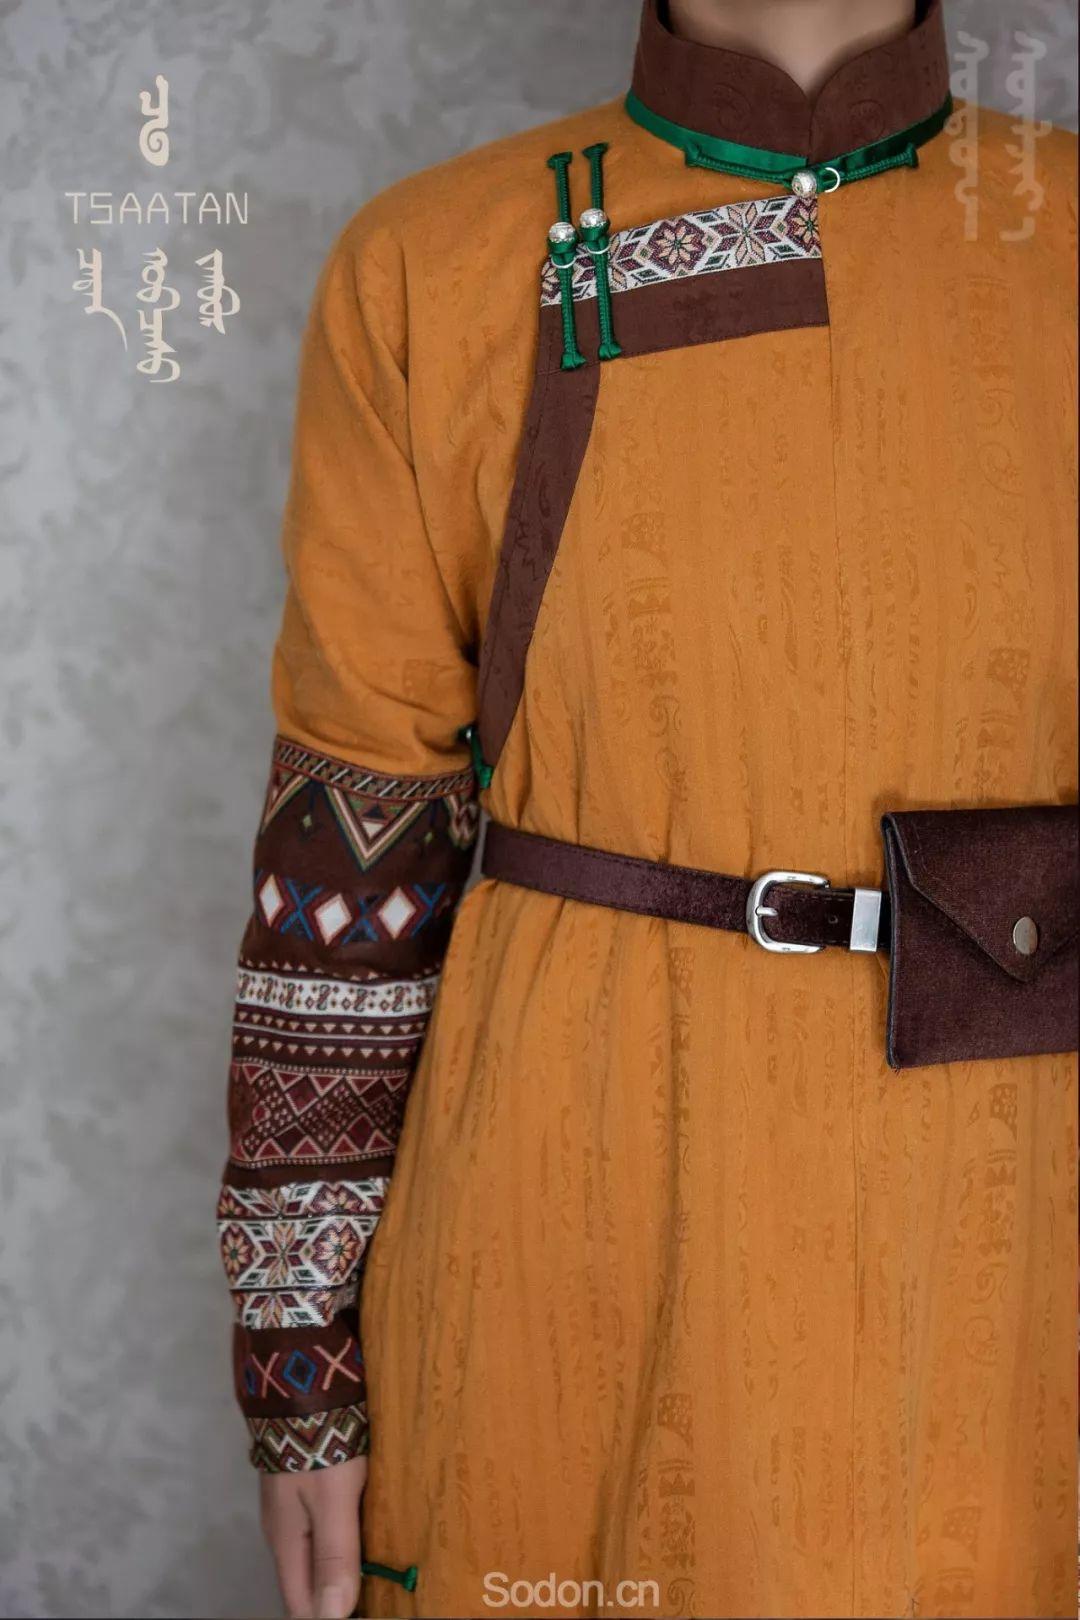 TSAATAN蒙古时装 2019新款,来自驯鹿人的独特魅力! 第54张